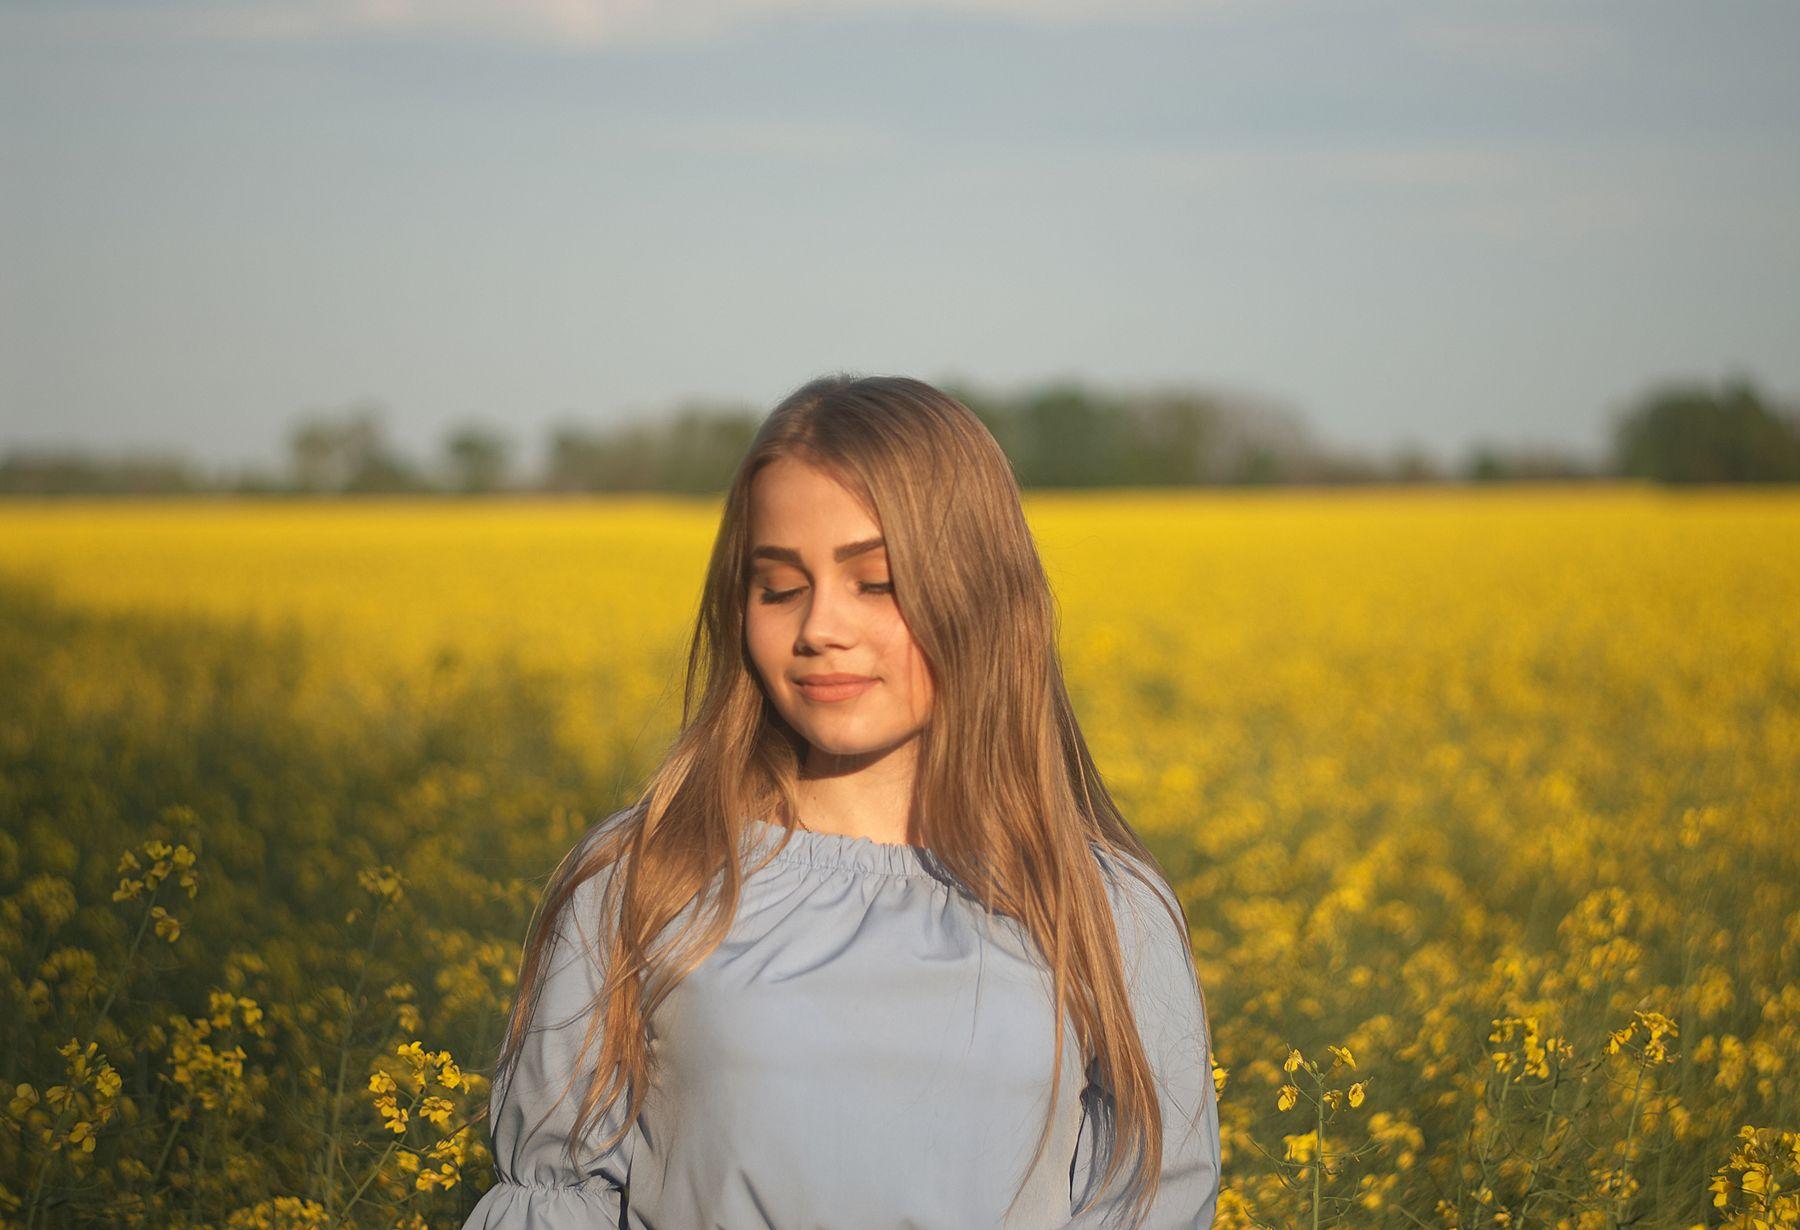 *** девушка весна портрет поле рапс желтое